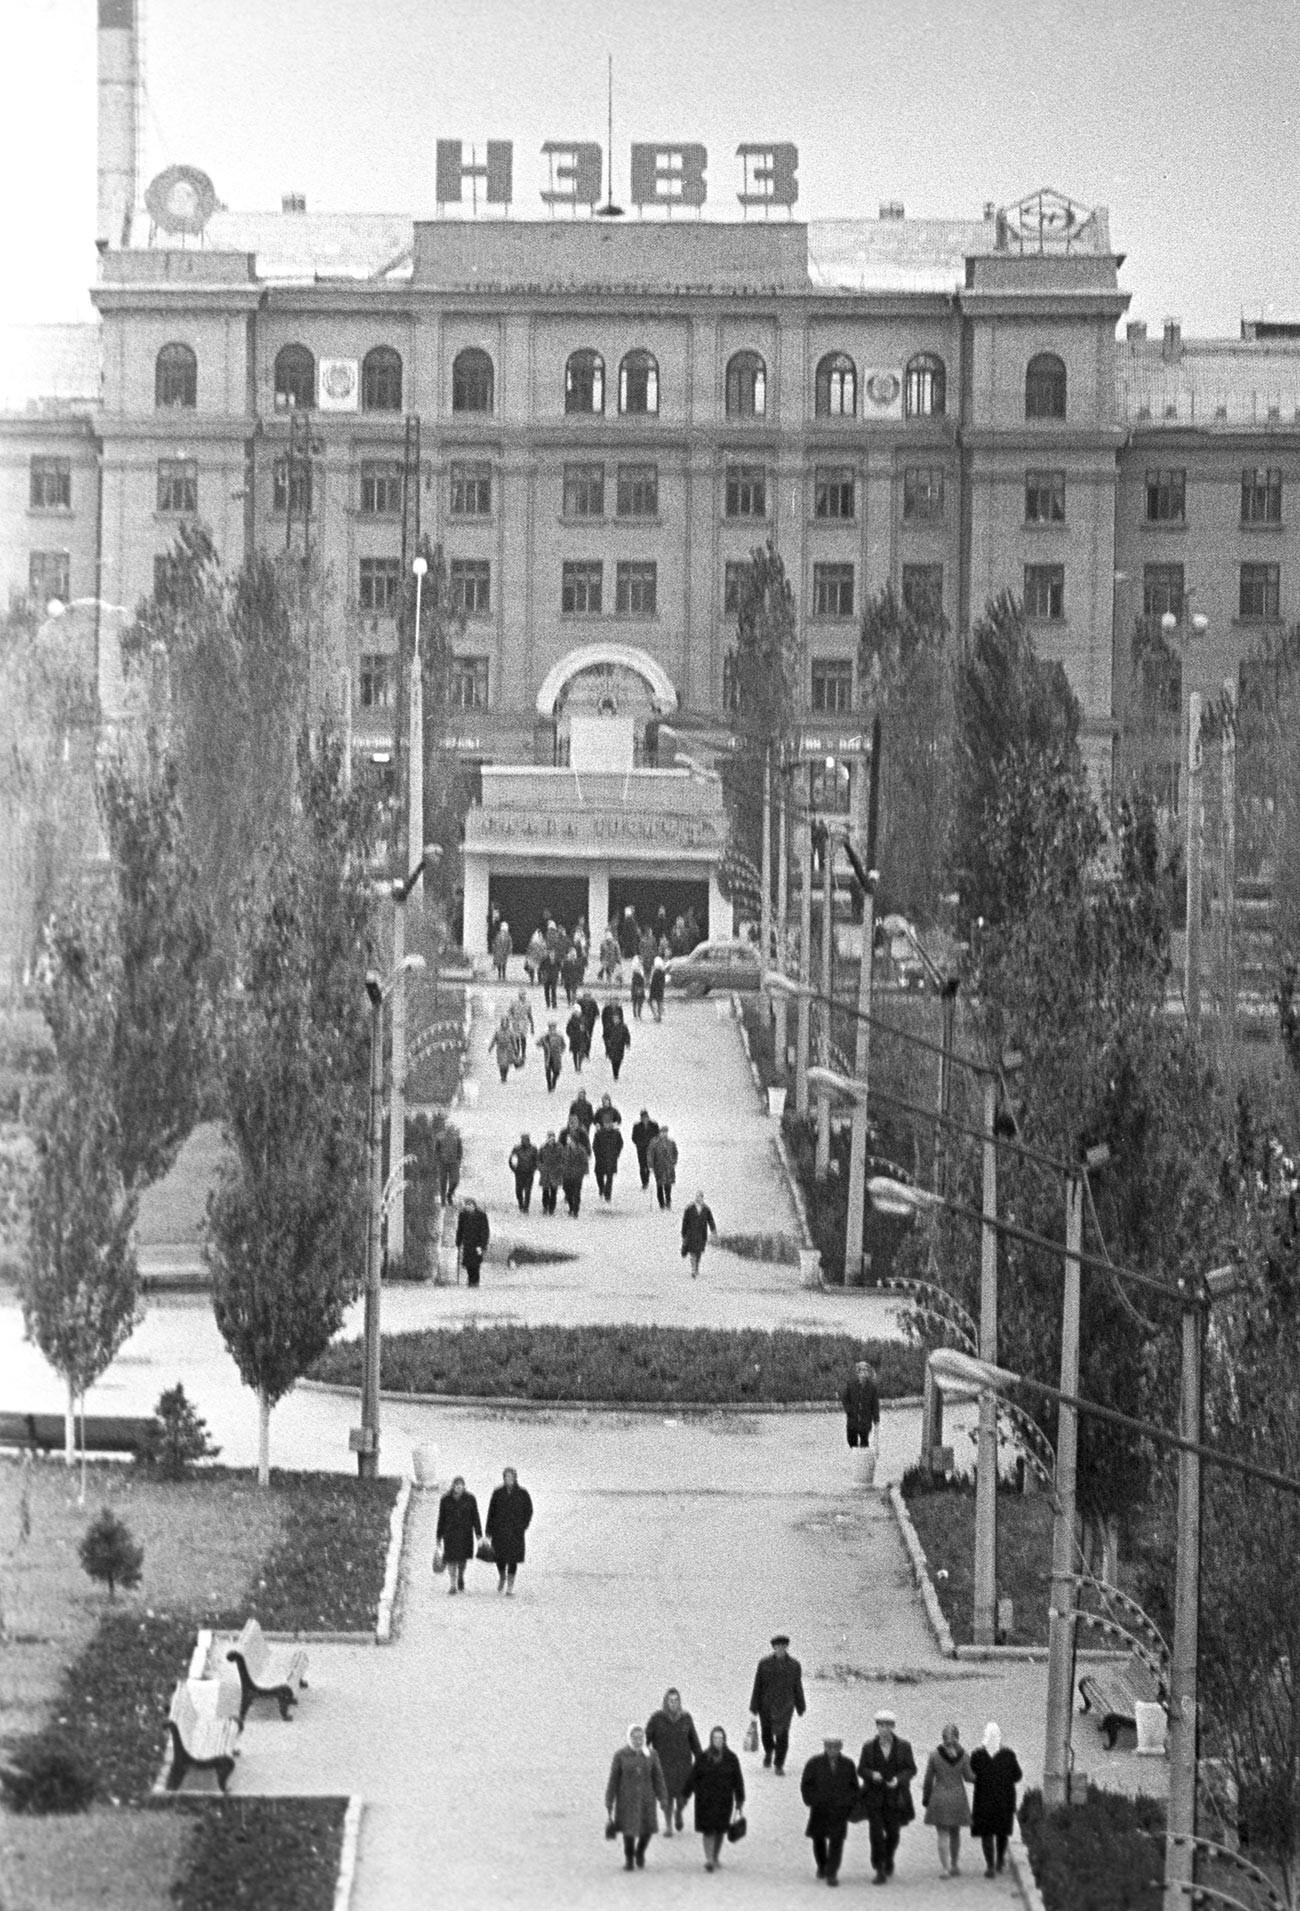 Pročelje Tovarne električnih lokomotiv Novočerkask in javni vrt, kjer se je stavka začela